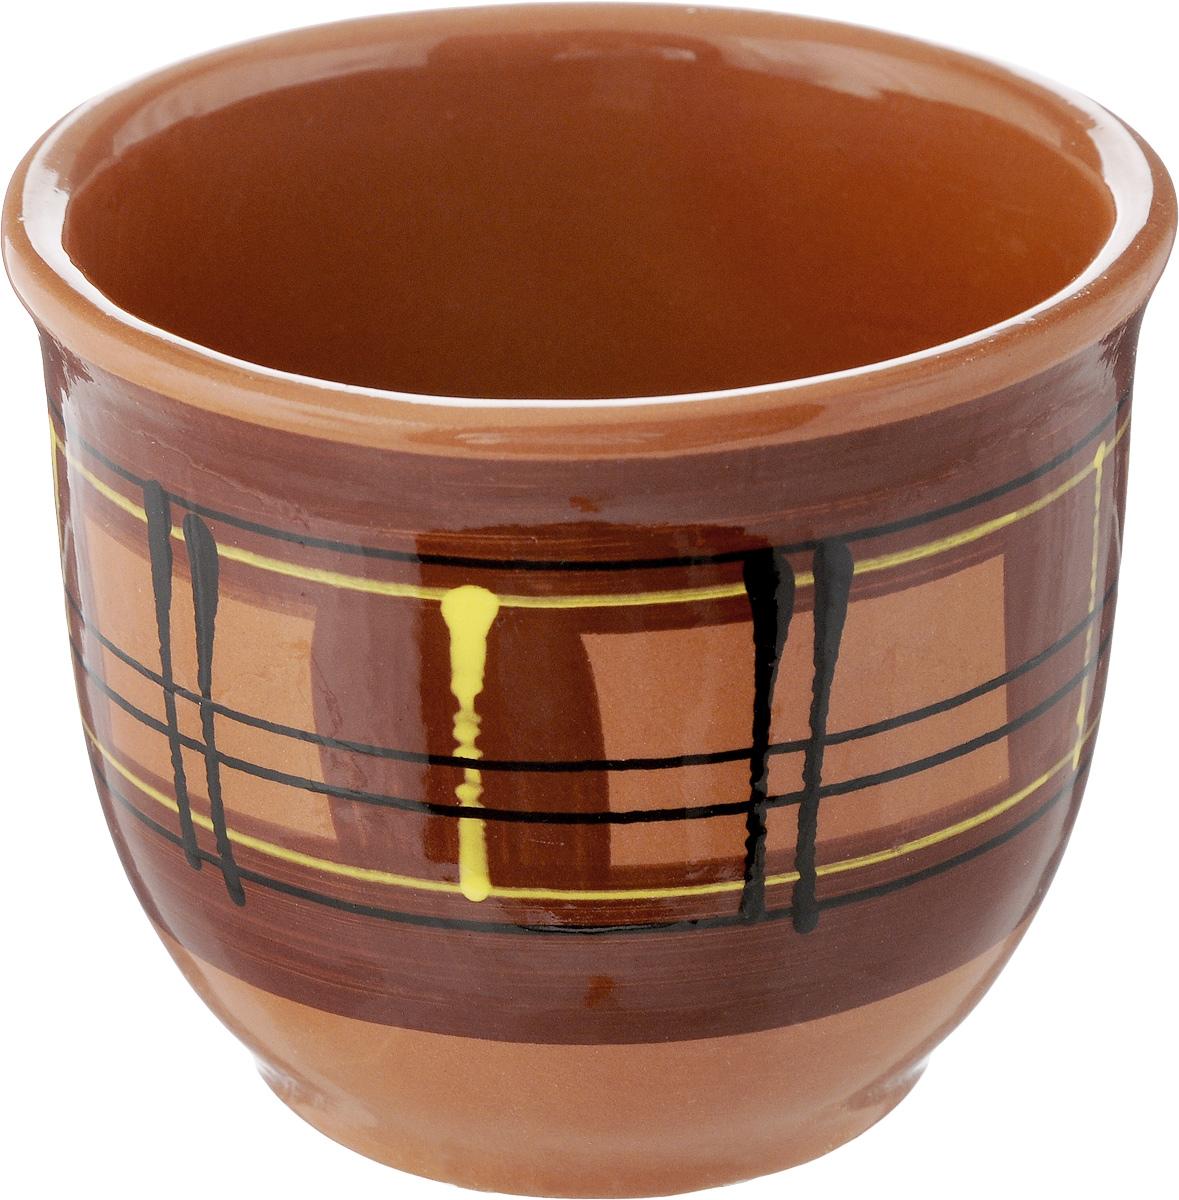 Стакан Борисовская керамика Cтандарт. Полоски, цвет: коричневый, 300 млОБЧ00000577_коричневый/полоскиСтакан Борисовская керамика Cтандарт выполнен из высококачественной глазурованной керамики. Керамика не только сохраняет тепло, она сохраняет и прохладу. Напиток в таком стакане дольше будет холодным. Или горячим, это уже как вы захотите.Яркий дизайн придется по вкусу и ценителям классики, и тем, кто предпочитает утонченность и изысканность.Посуда термостойкая. Можно использовать в духовке и микроволновой печи. Диаметр (по верхнему краю): 10,5 см. Высота стакана: 8,5 см.